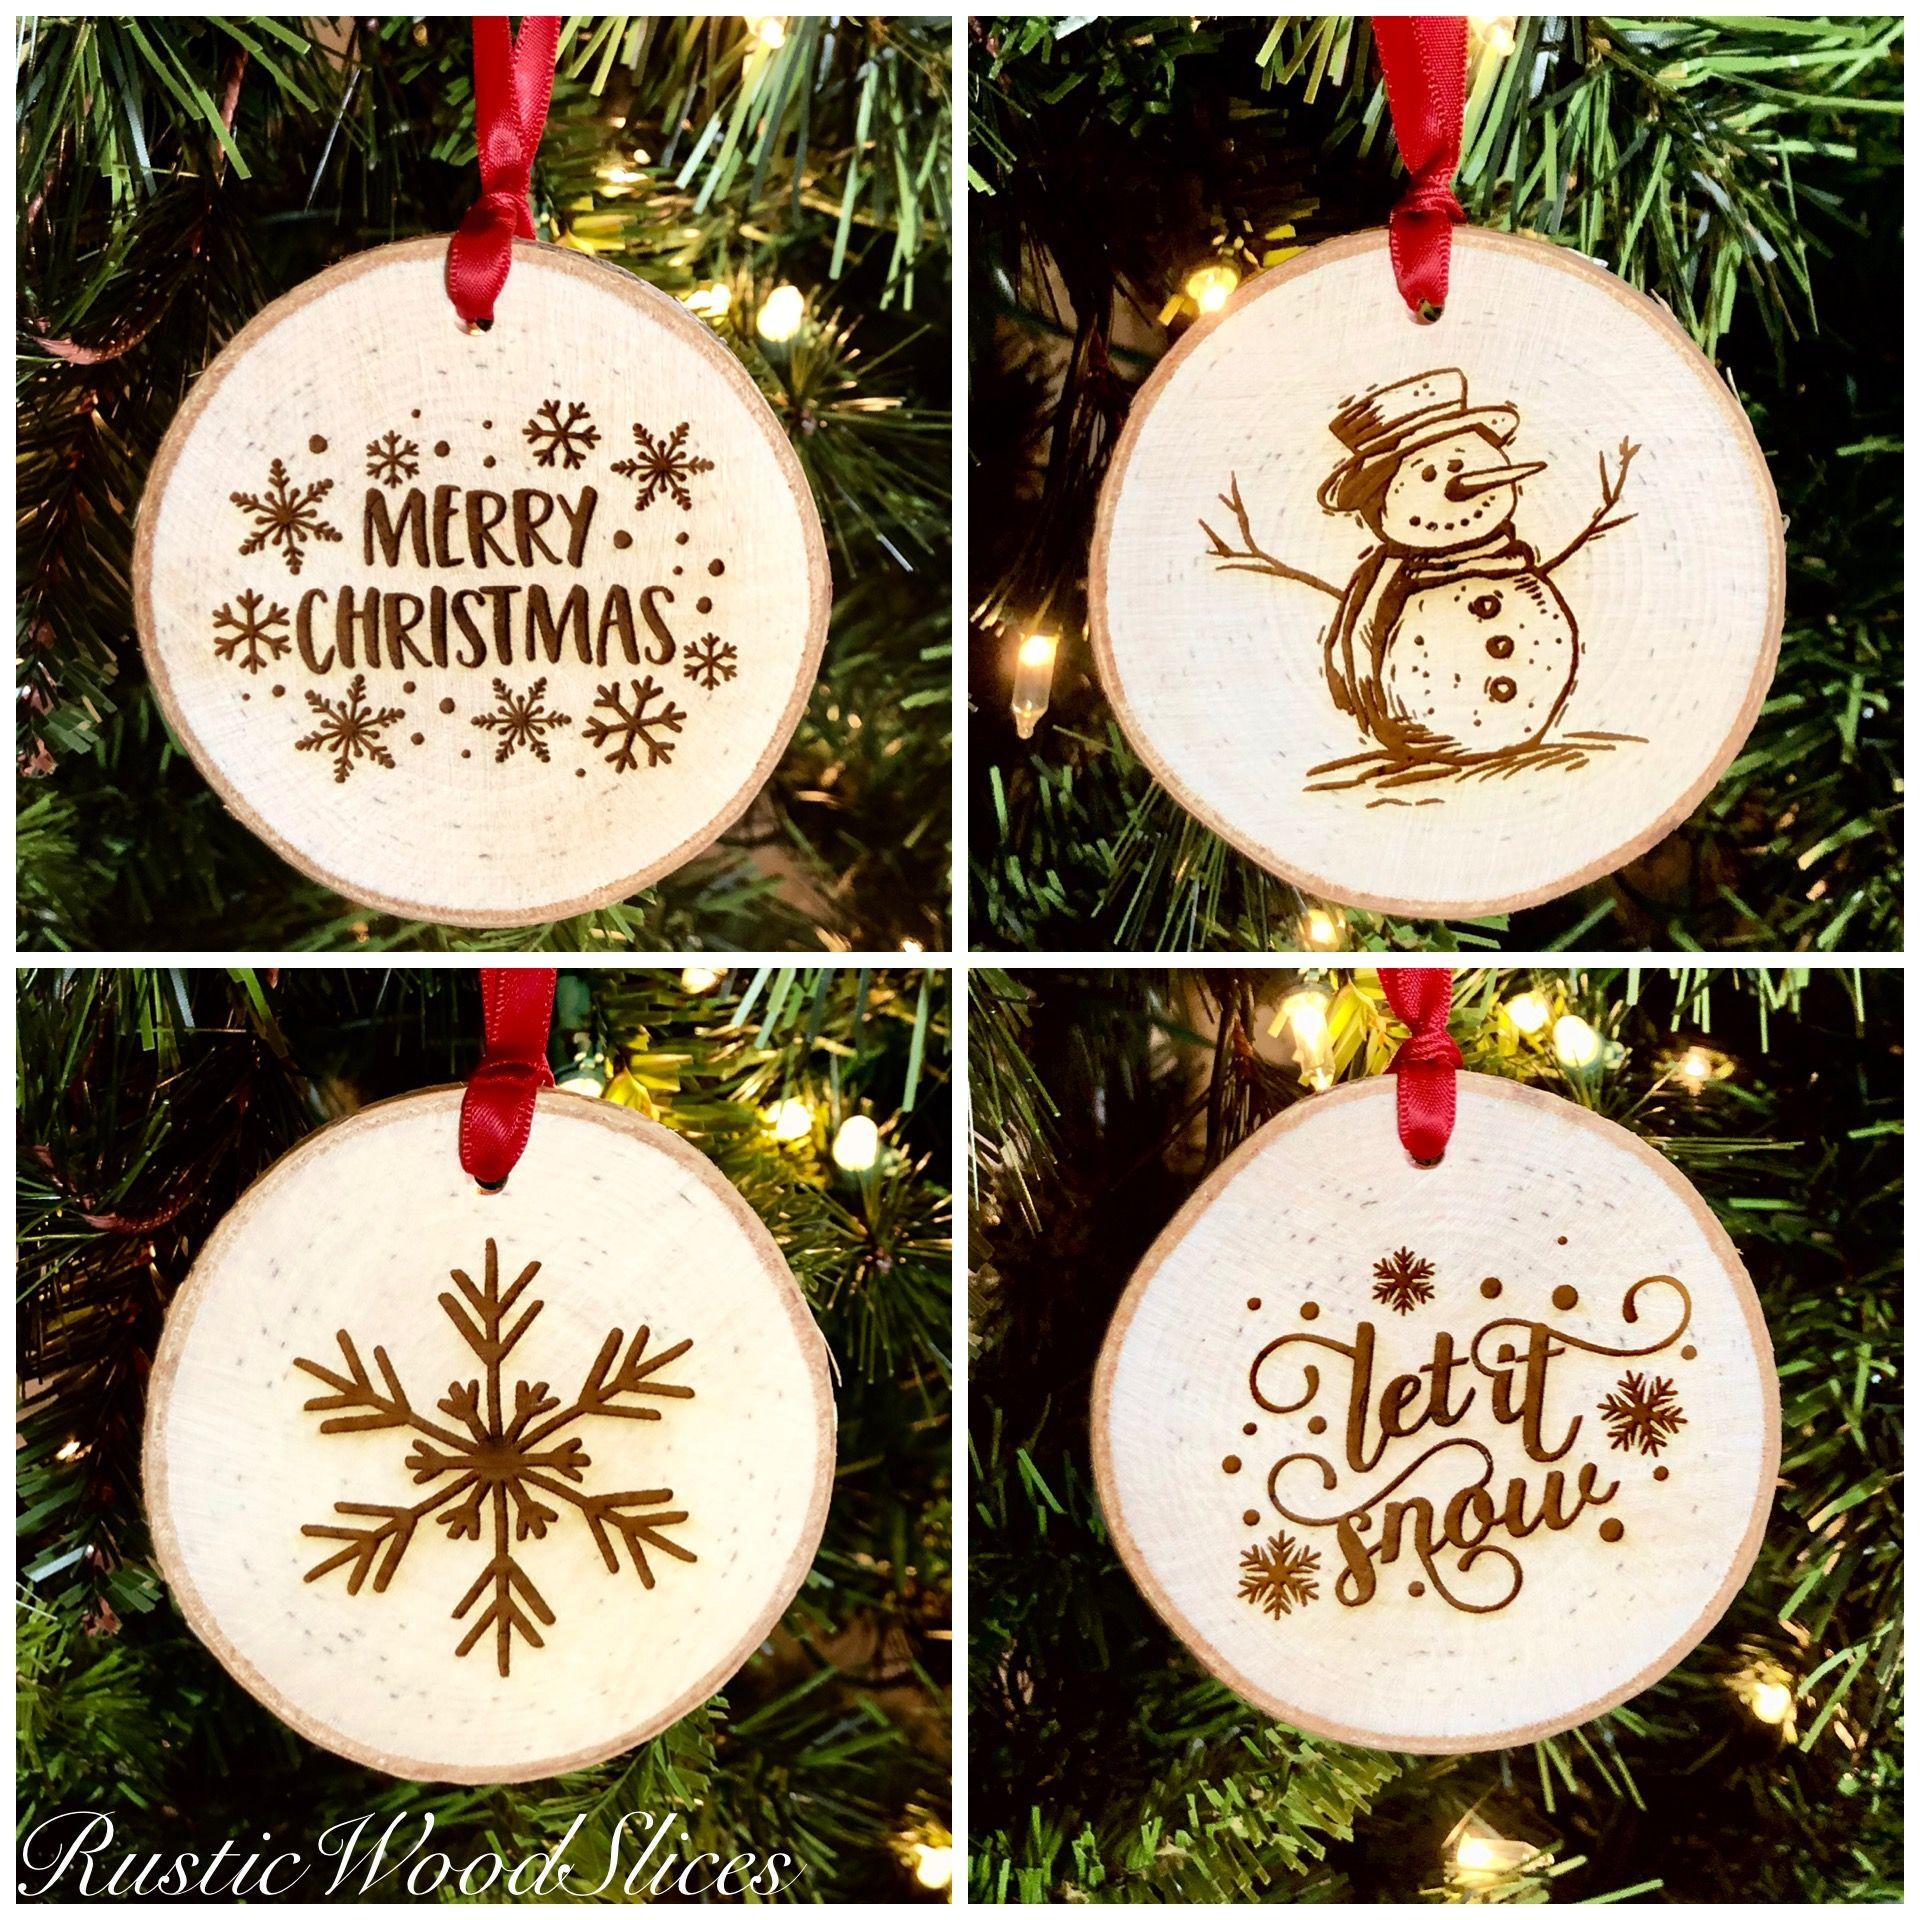 Real Wood Slice Christmas Ornaments With Bark Wood Christmas Ornaments Christmas Snowflakes Decorations Diy Christmas Snowflakes